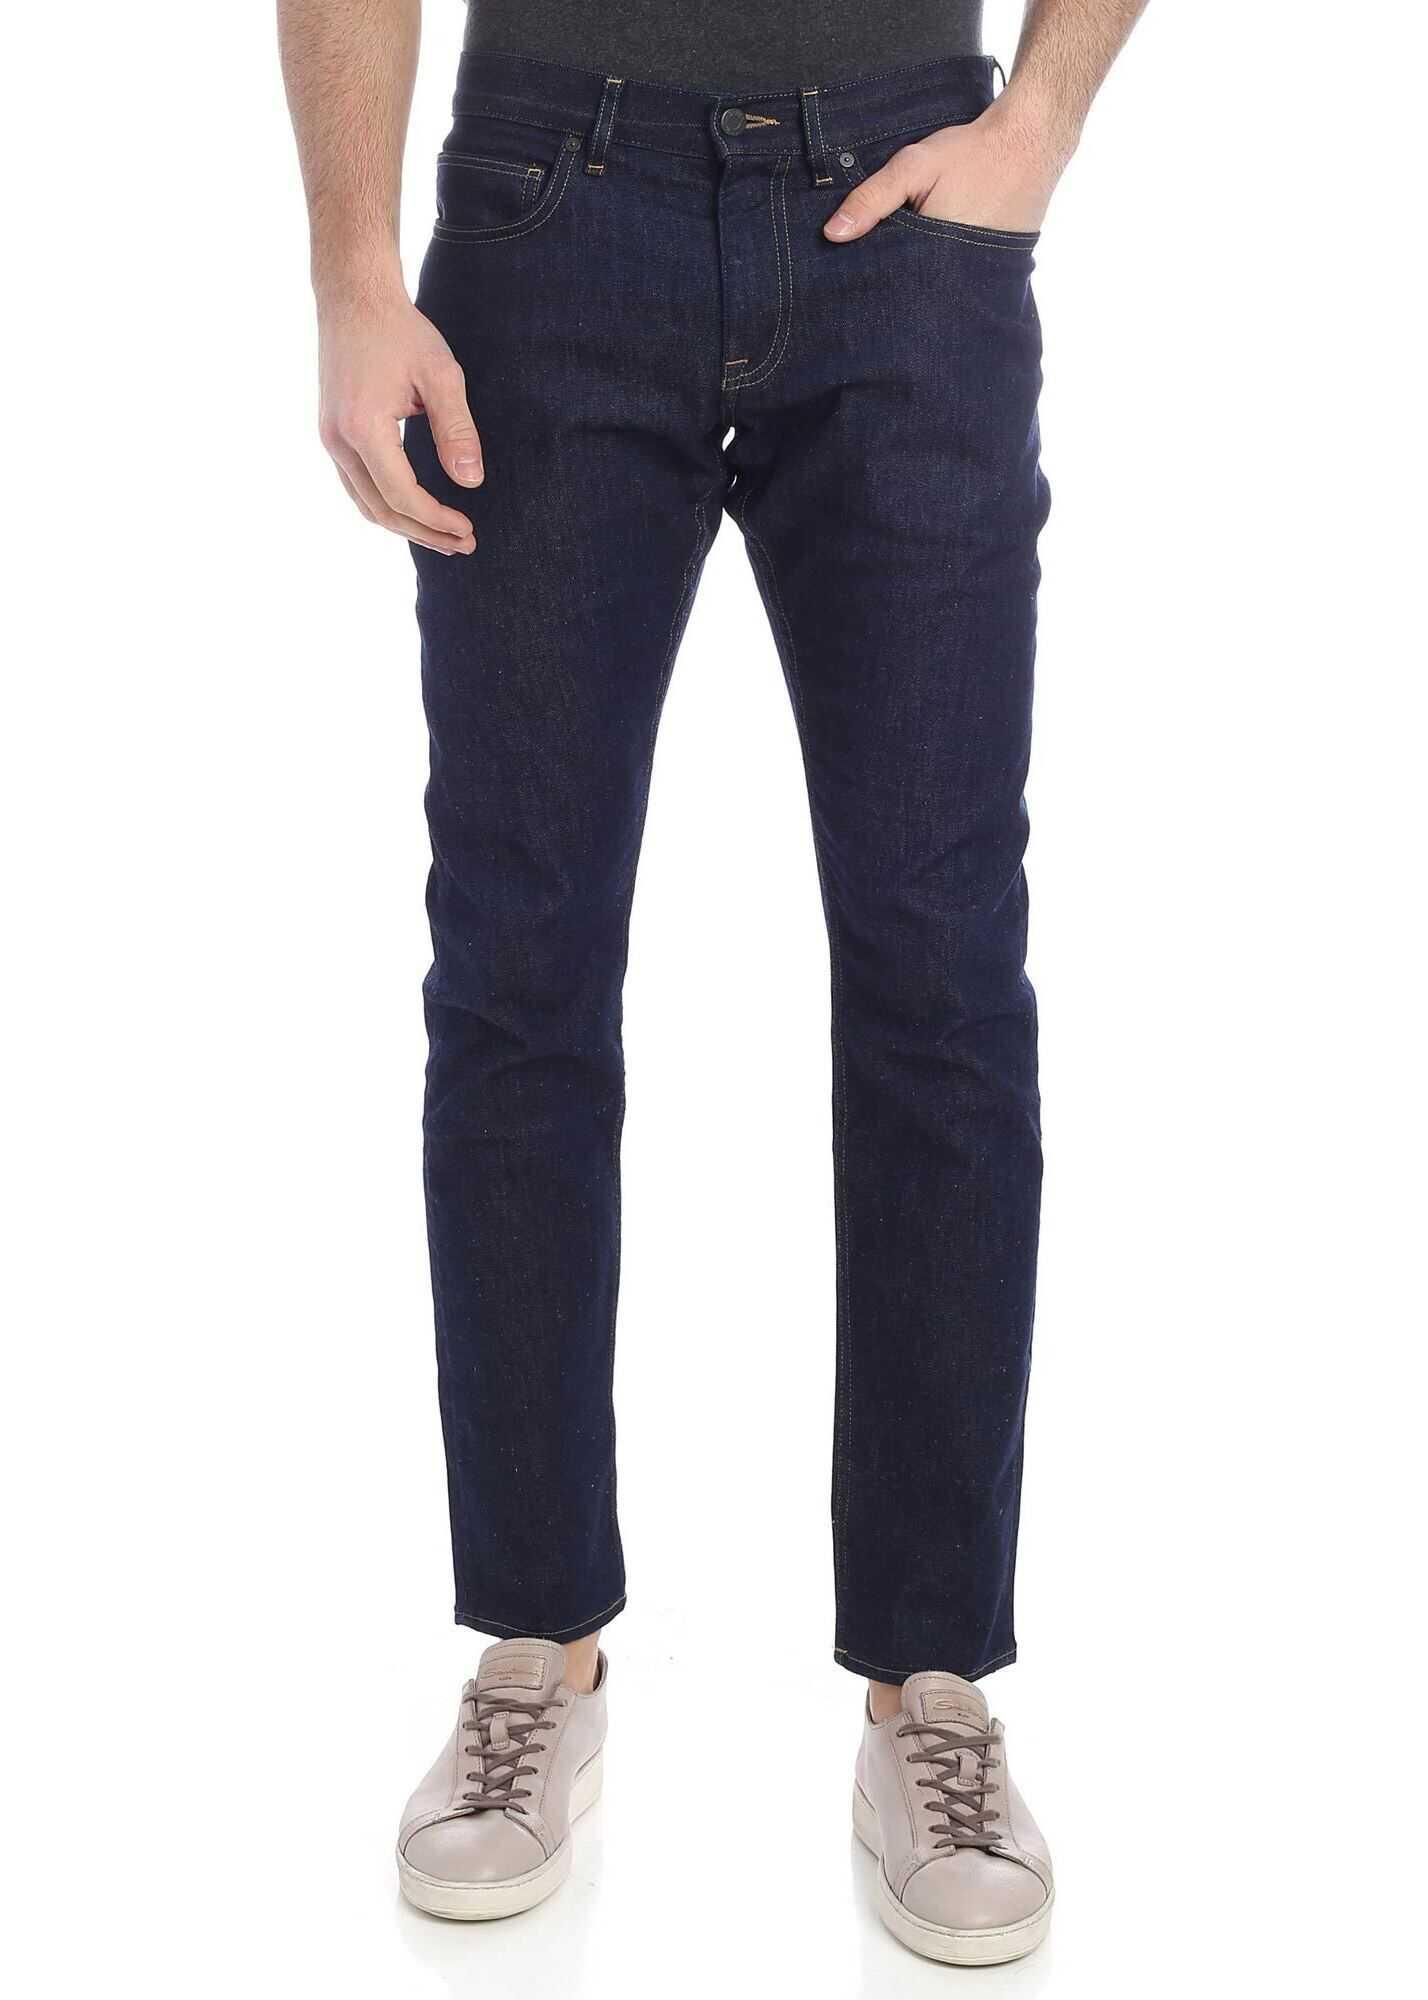 Calvin Klein 5 Pocket Dark Blue Jeans Blue